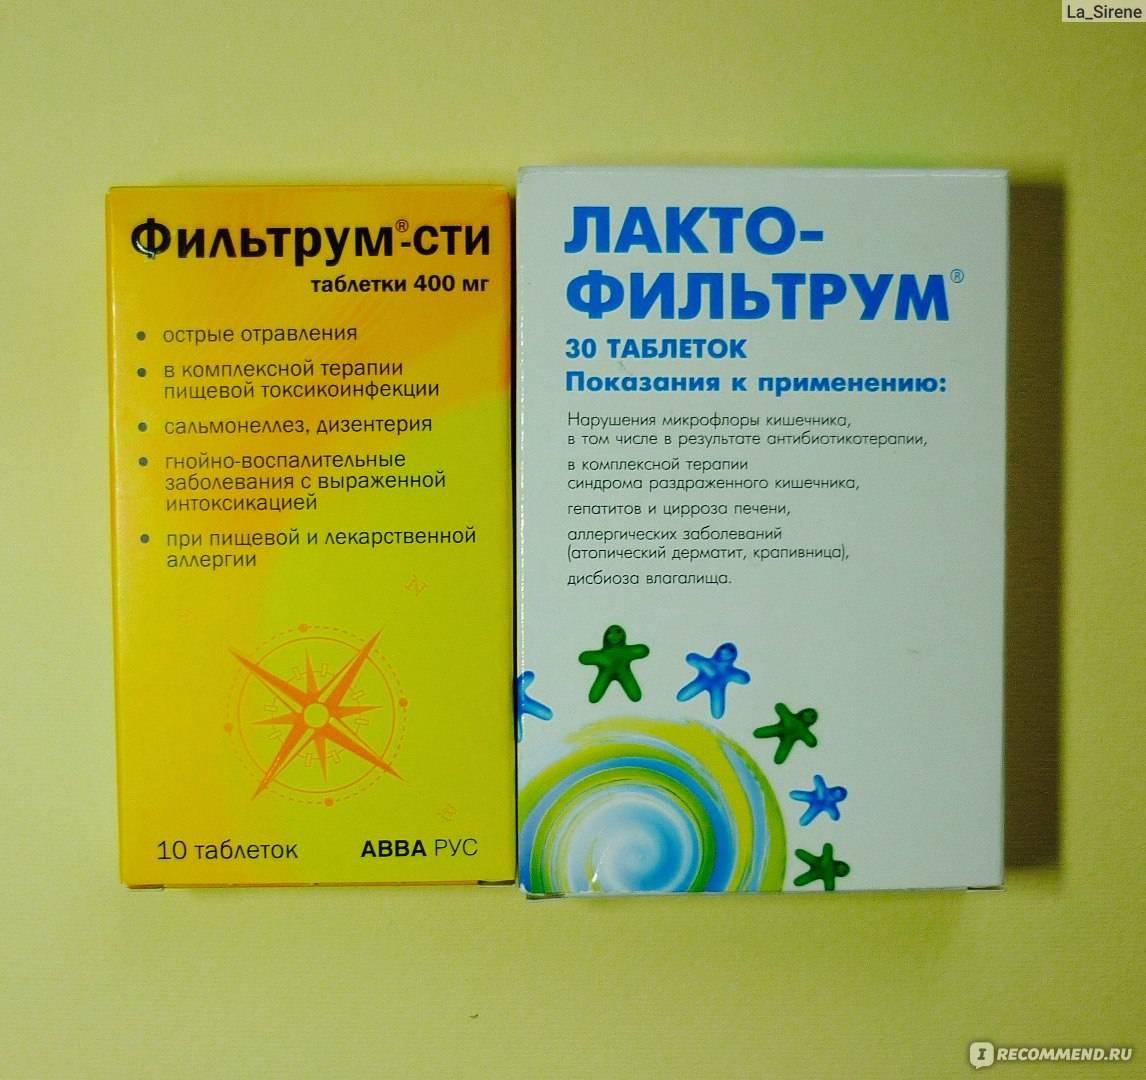 Топ-7 дешевых аналогов лактофильтрума - список с ценами в рублях